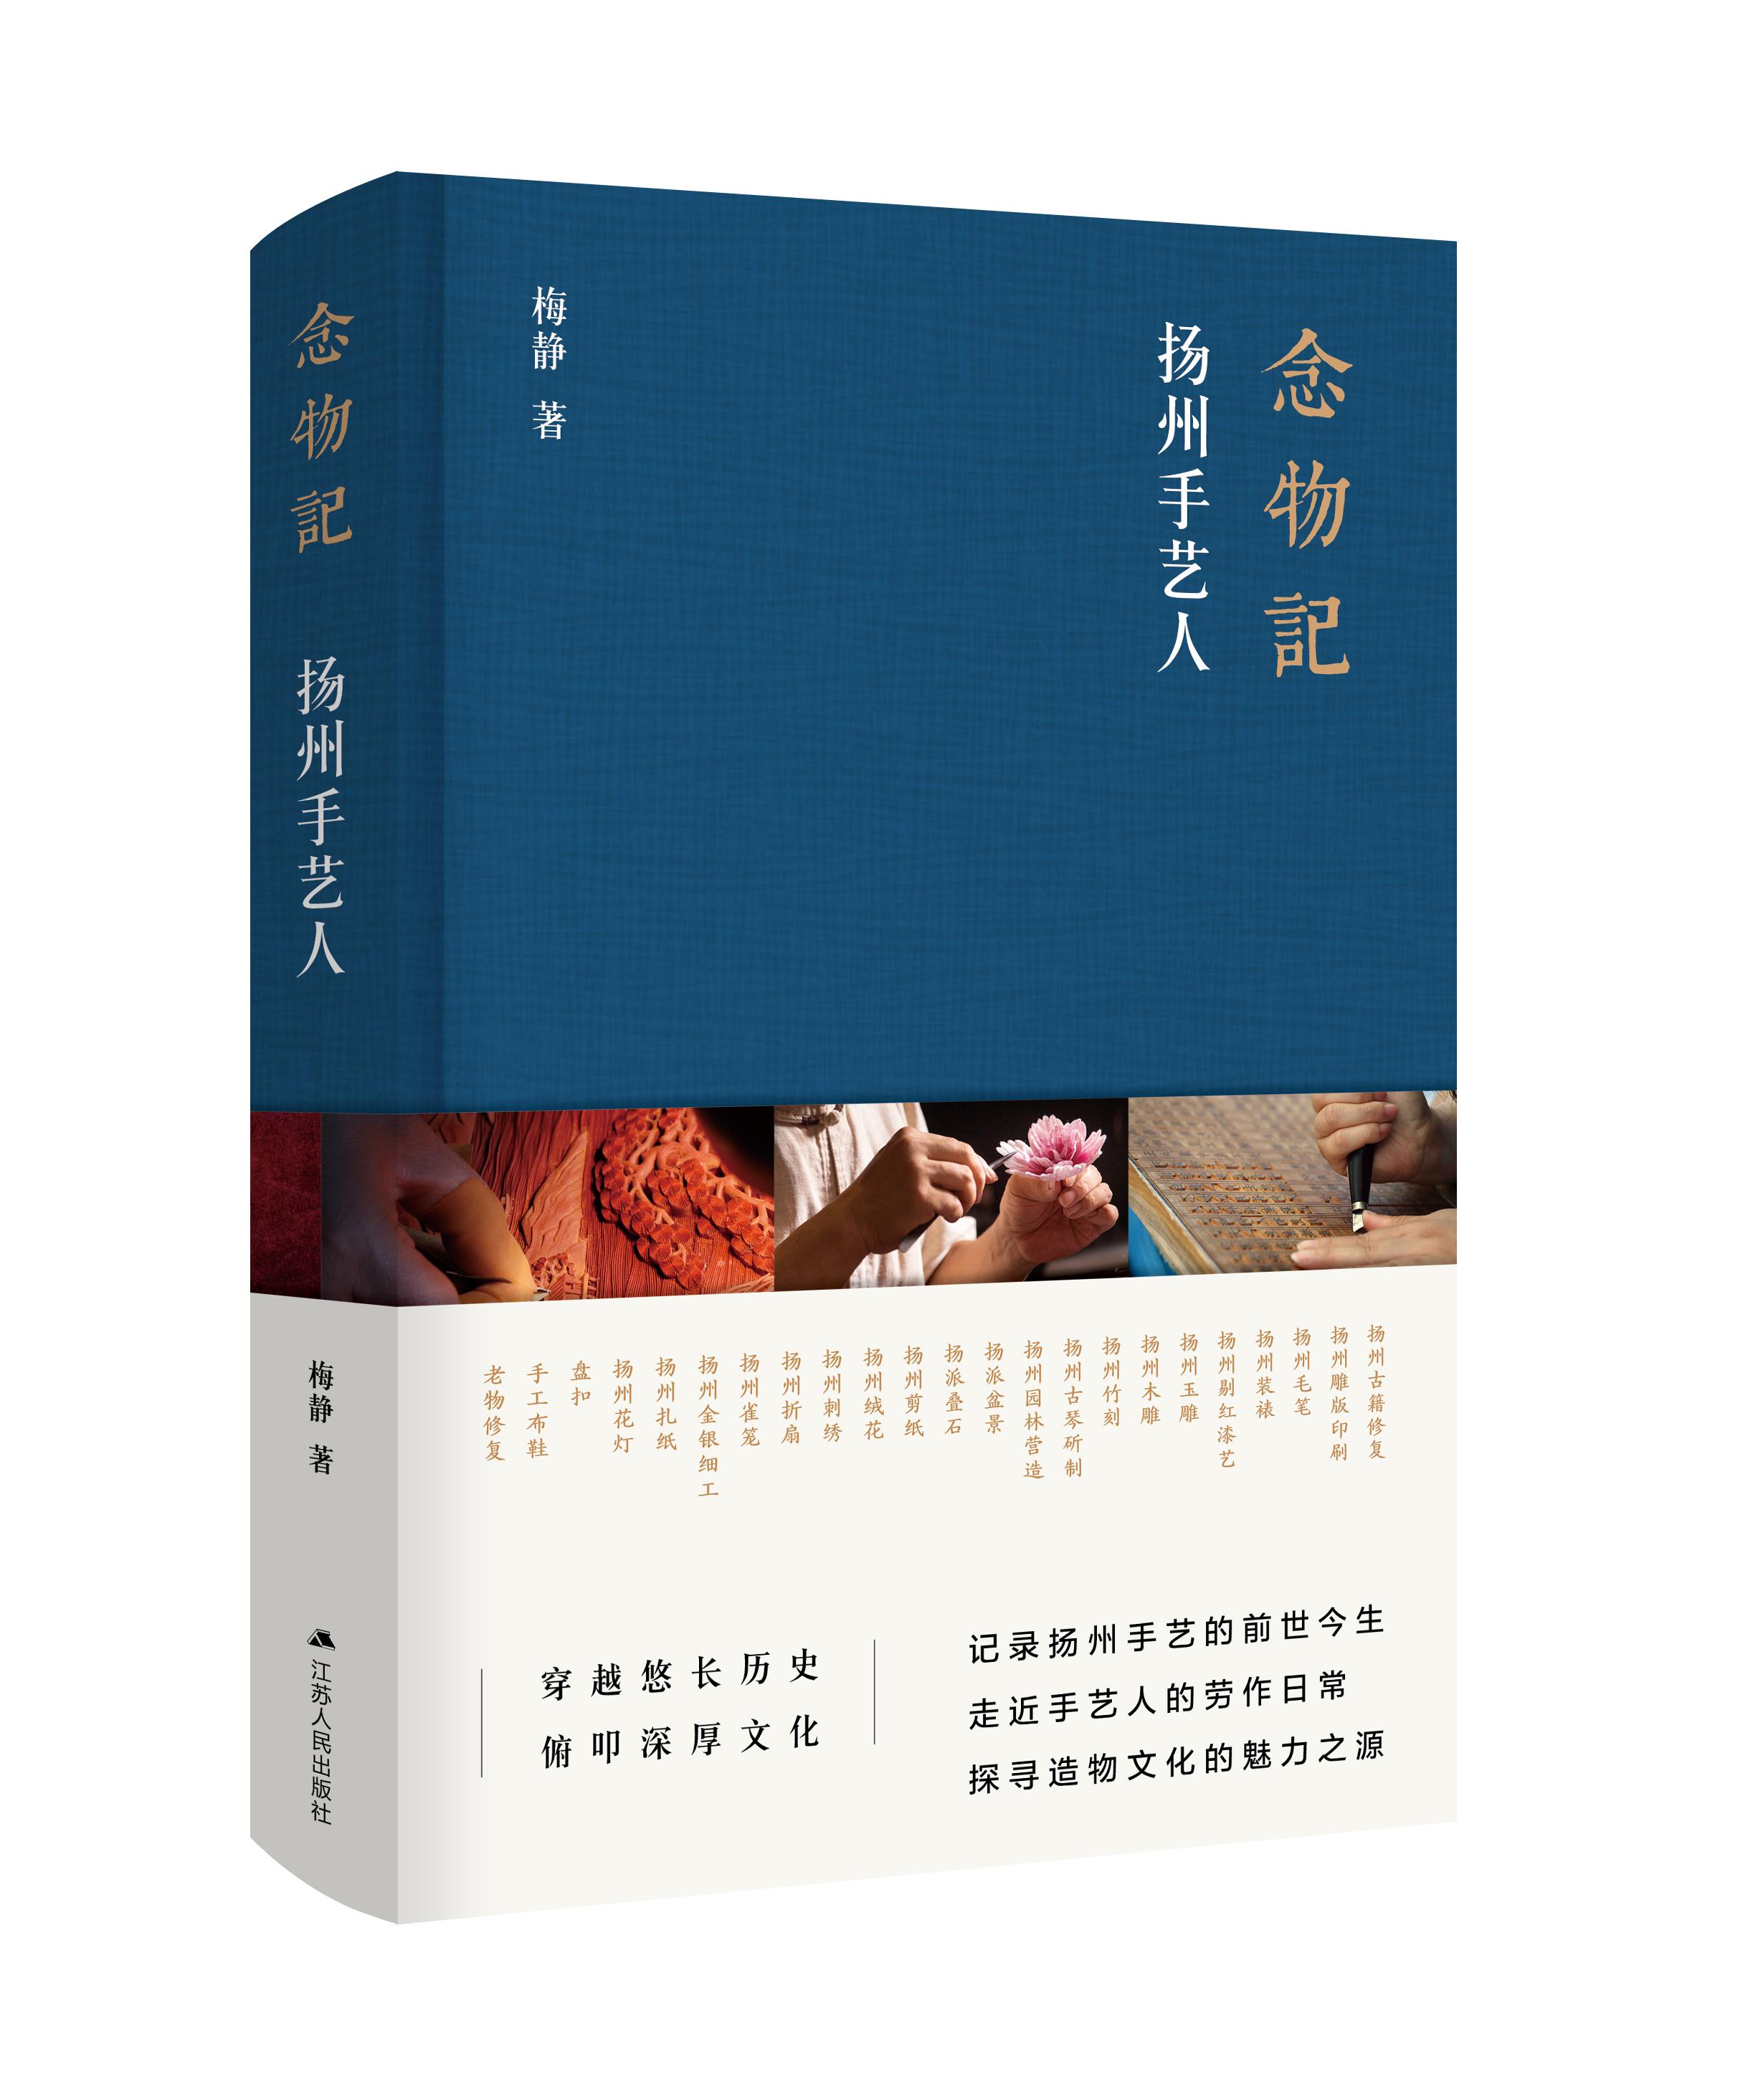 《念物记——扬州手艺人》(纪实文学)